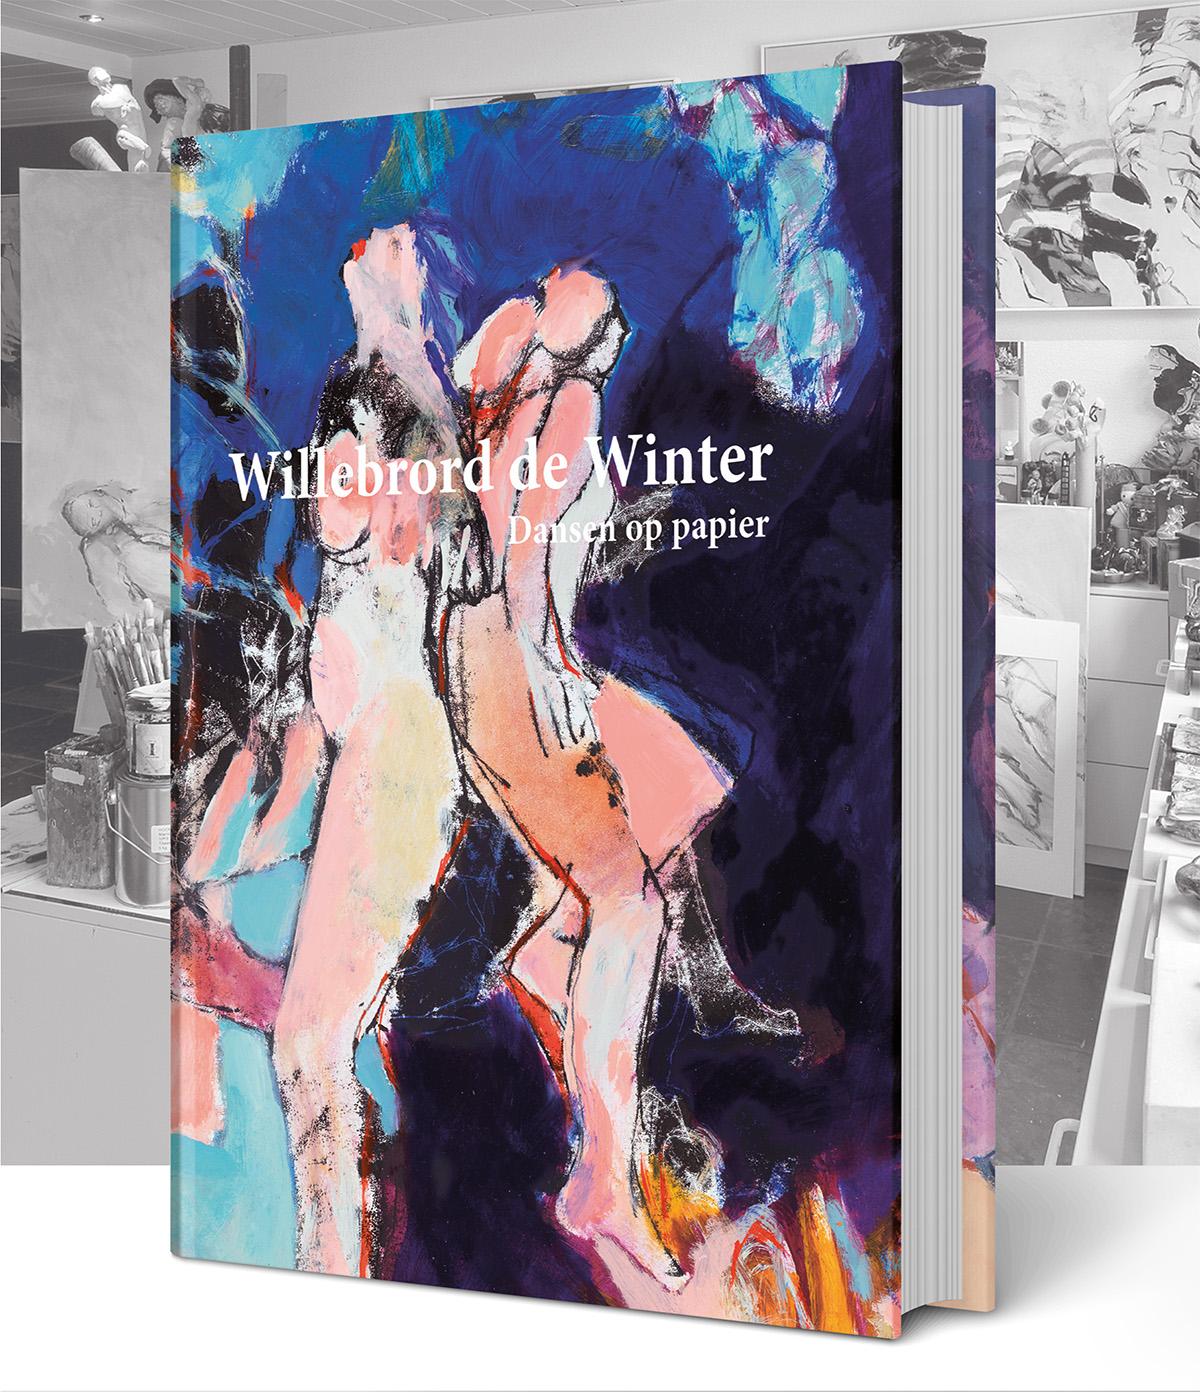 Boekpresentatie weekend expositie Willebrord de Winter De Bakkerij, kunsthuis